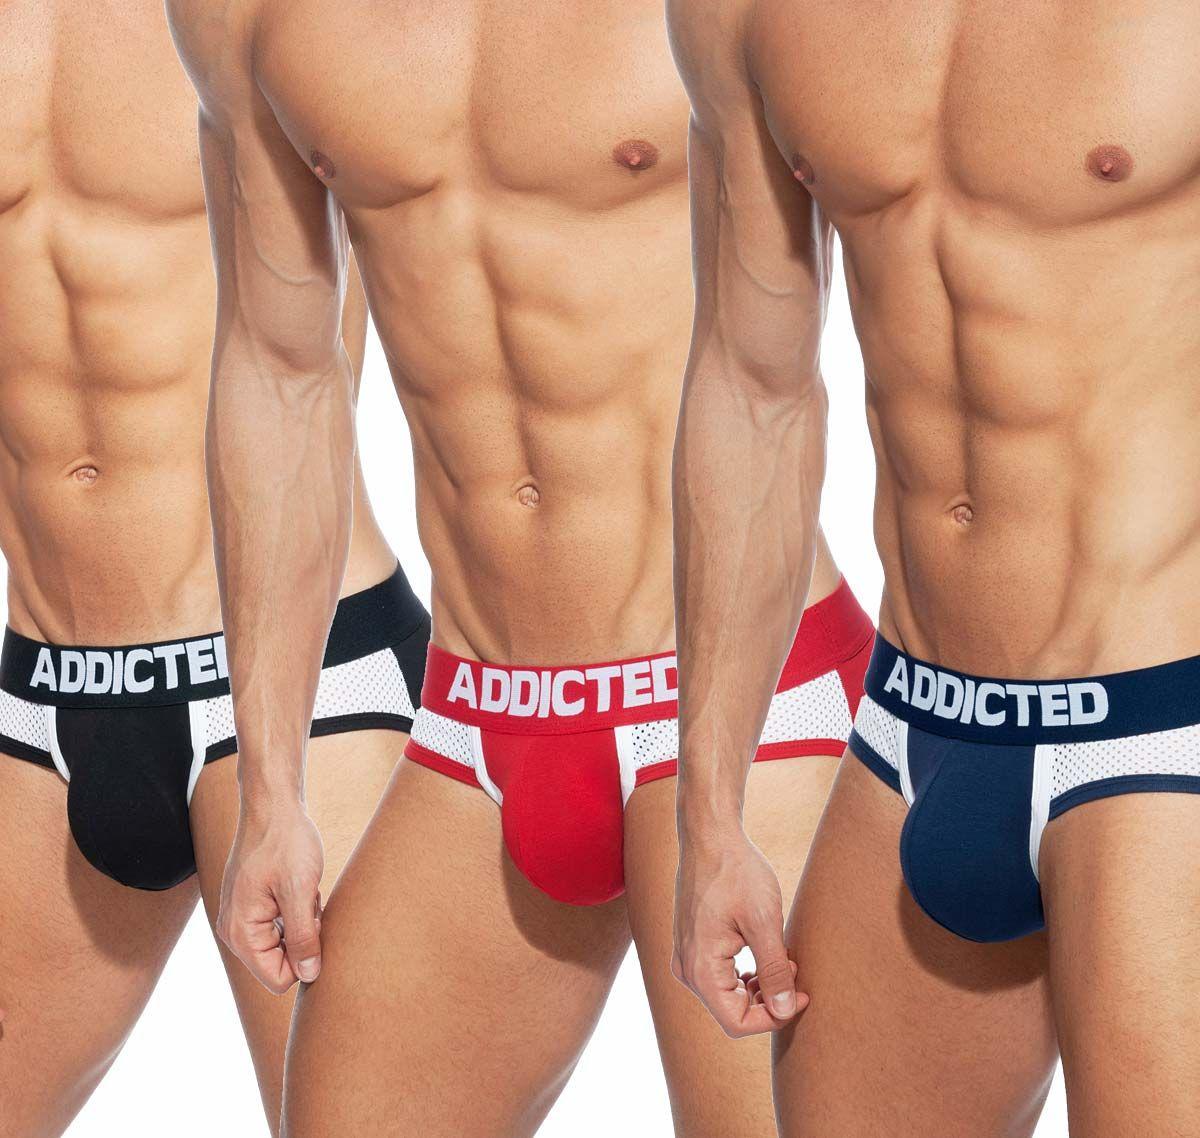 Addicted 3er Pack Slip COMBI MESH BRIEF AD845P, blau, schwarz, rot